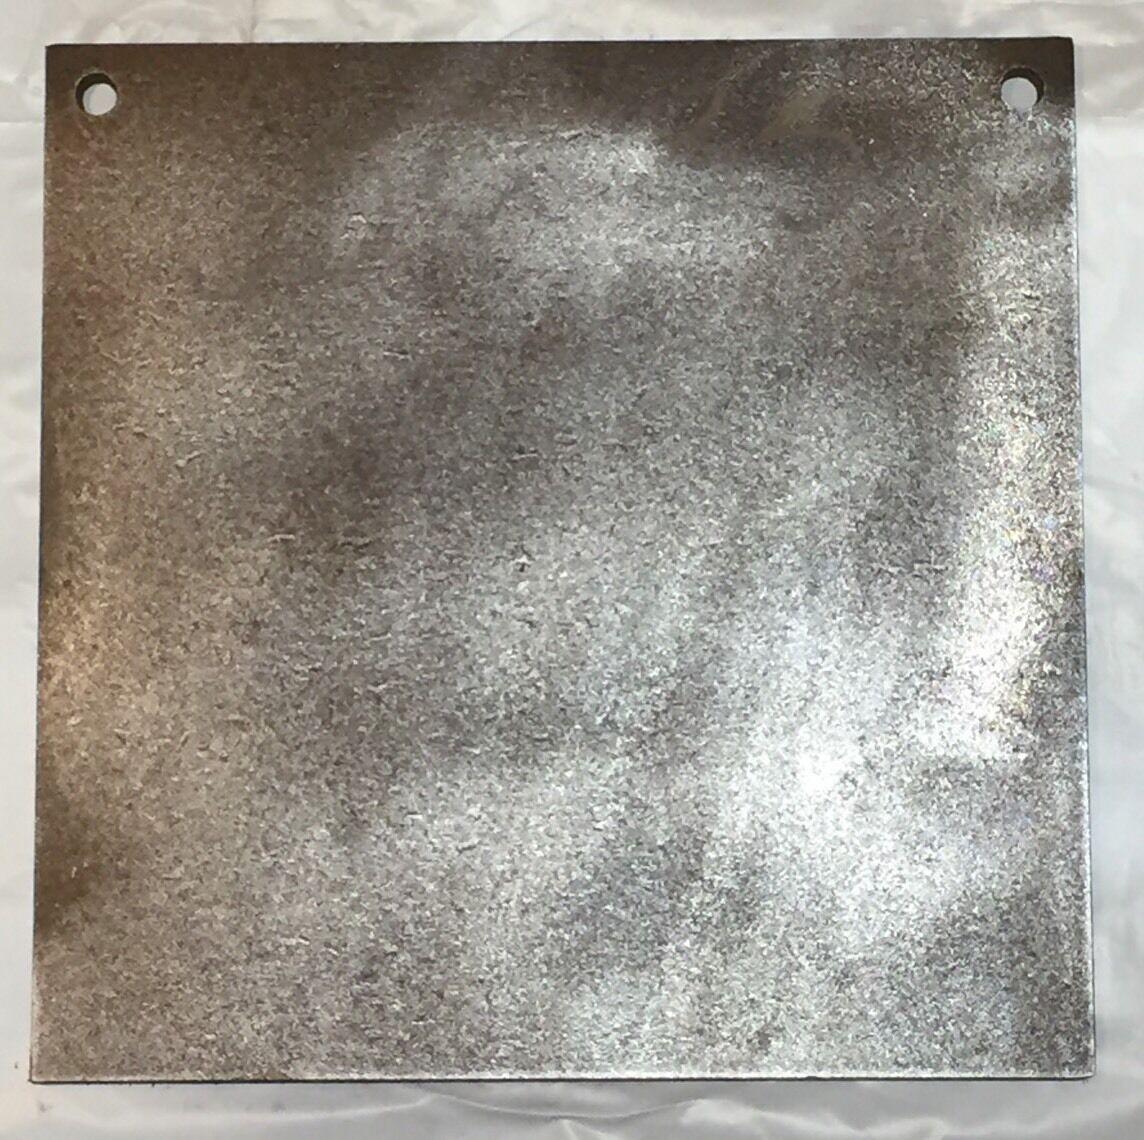 Gong cuadrado de destino de acero AR500 1 2  X 16